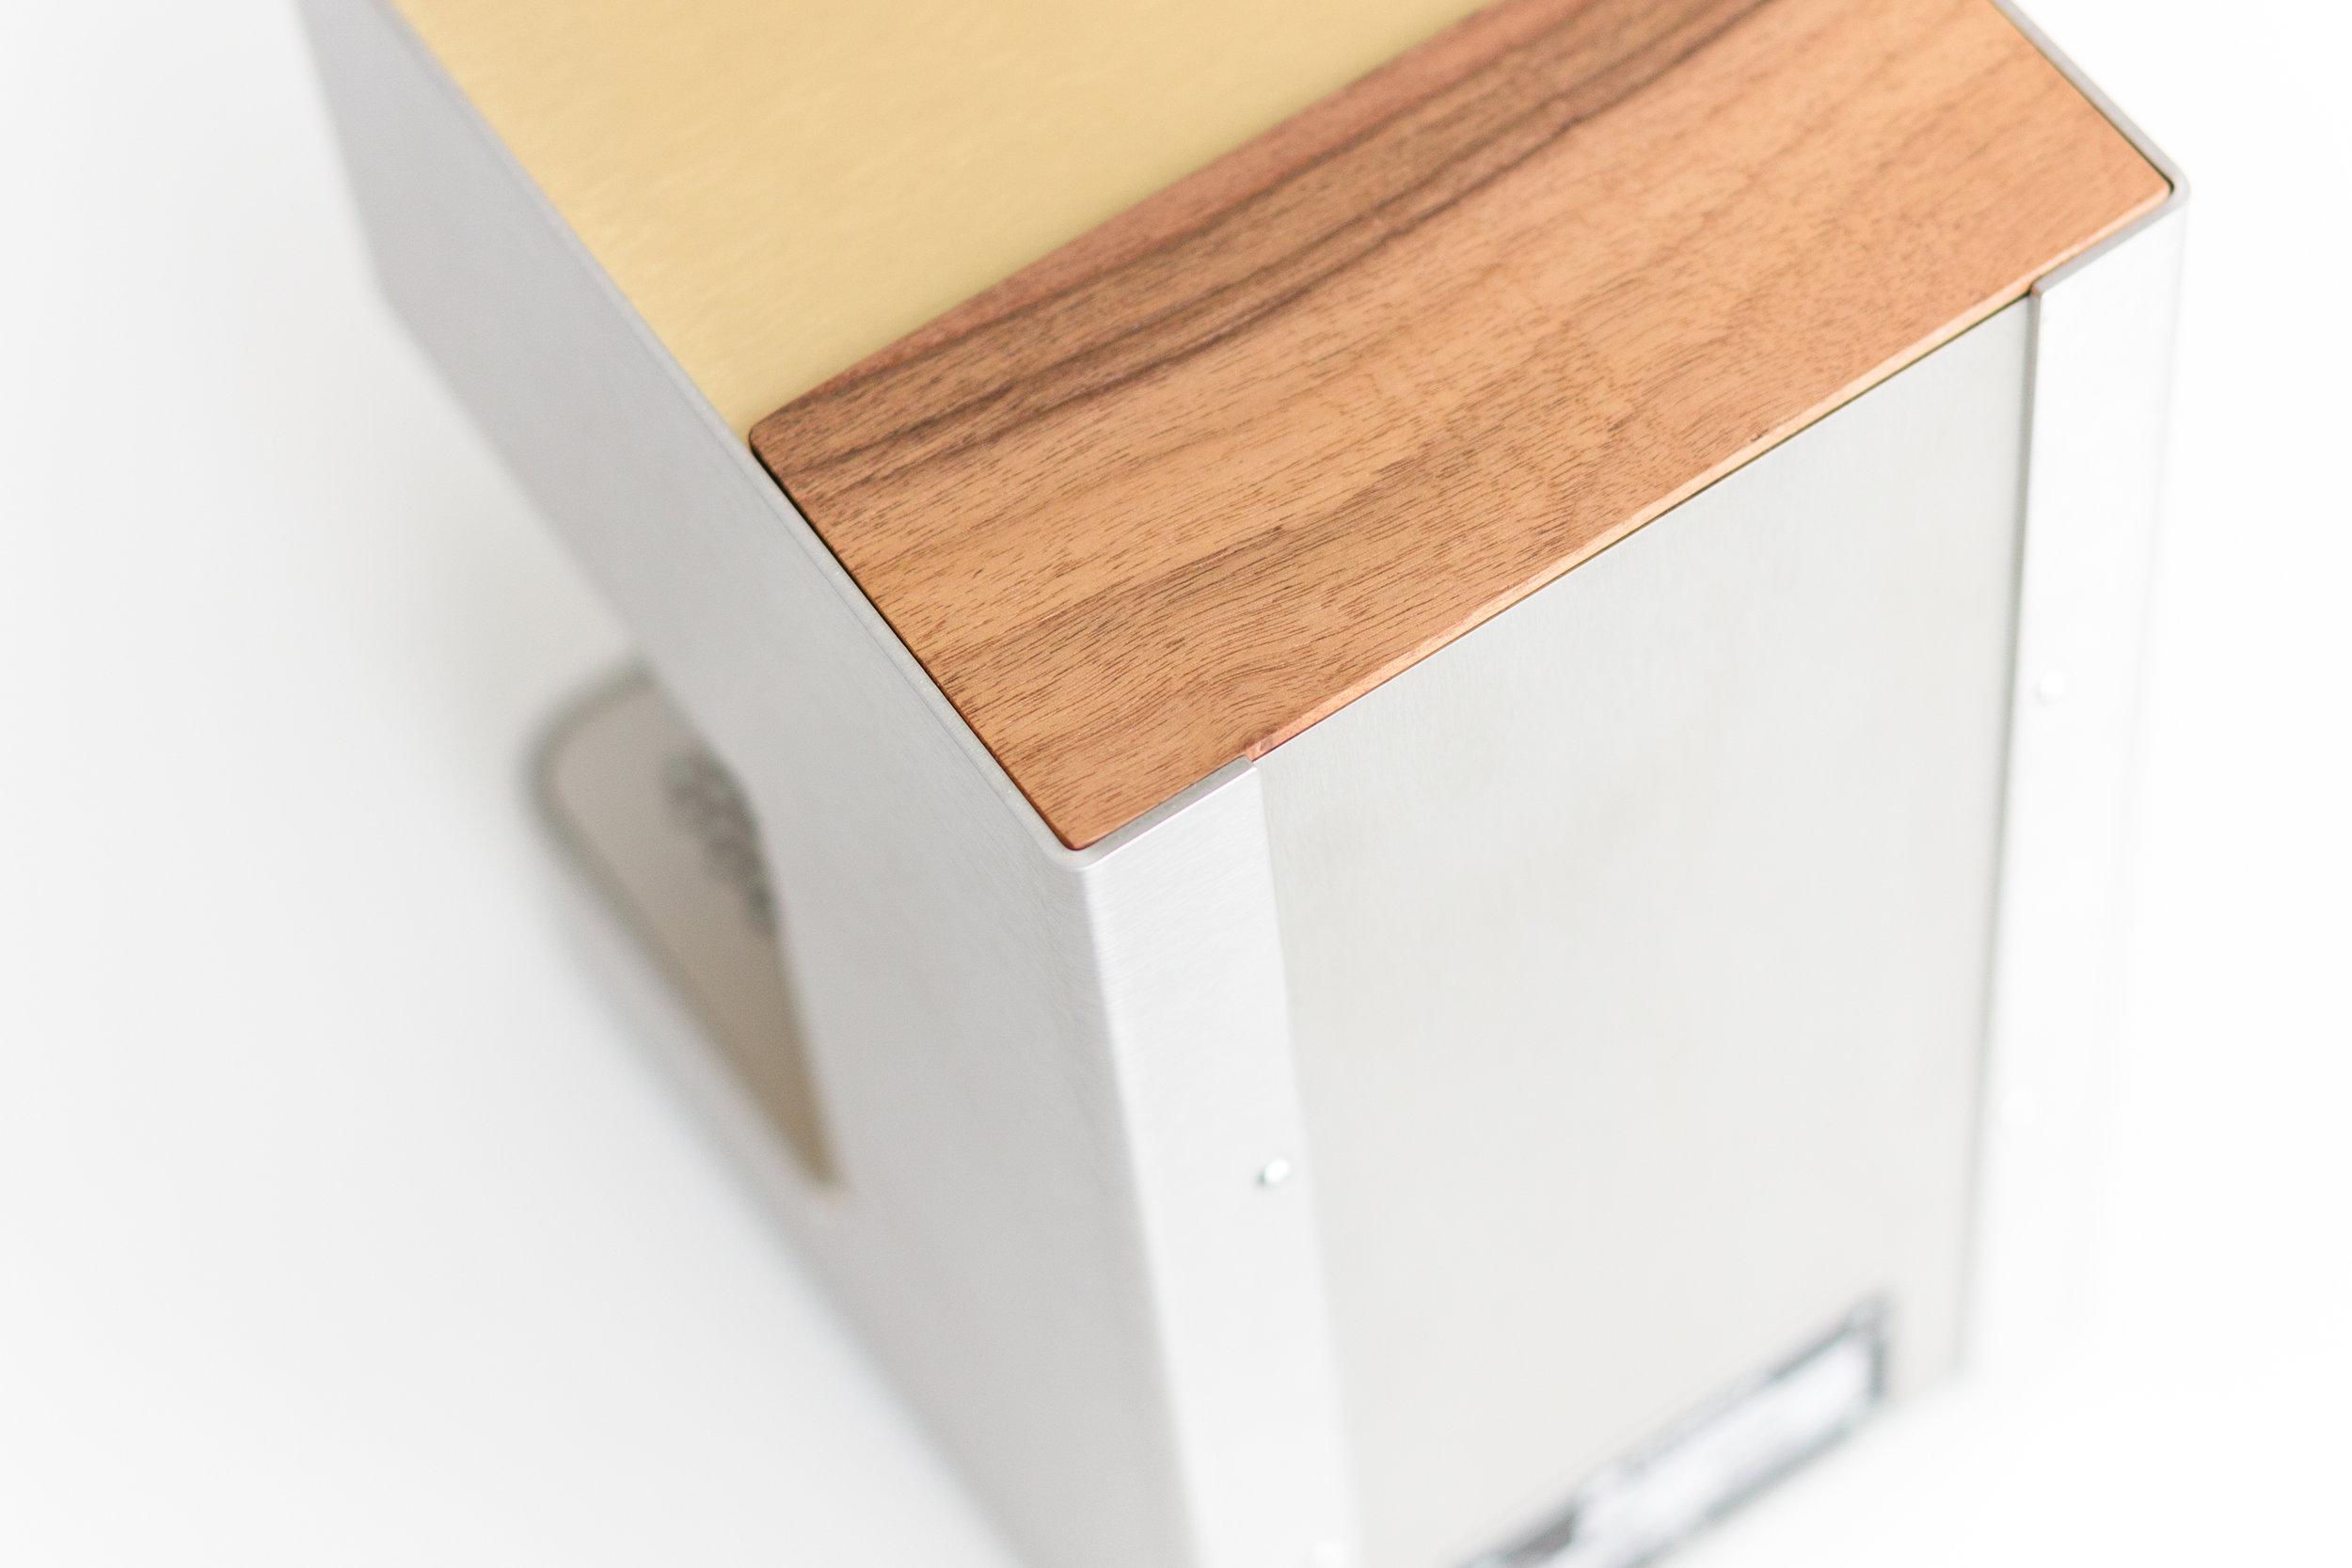 Die Kombination vom gebürsteten 2,5 mm-Stahlmantel, der Holzelemente und goldenen Aluteile gepaart mit der klaren Form, verleiht der ZURIGA express ihren unverwechselbaren Charakter.